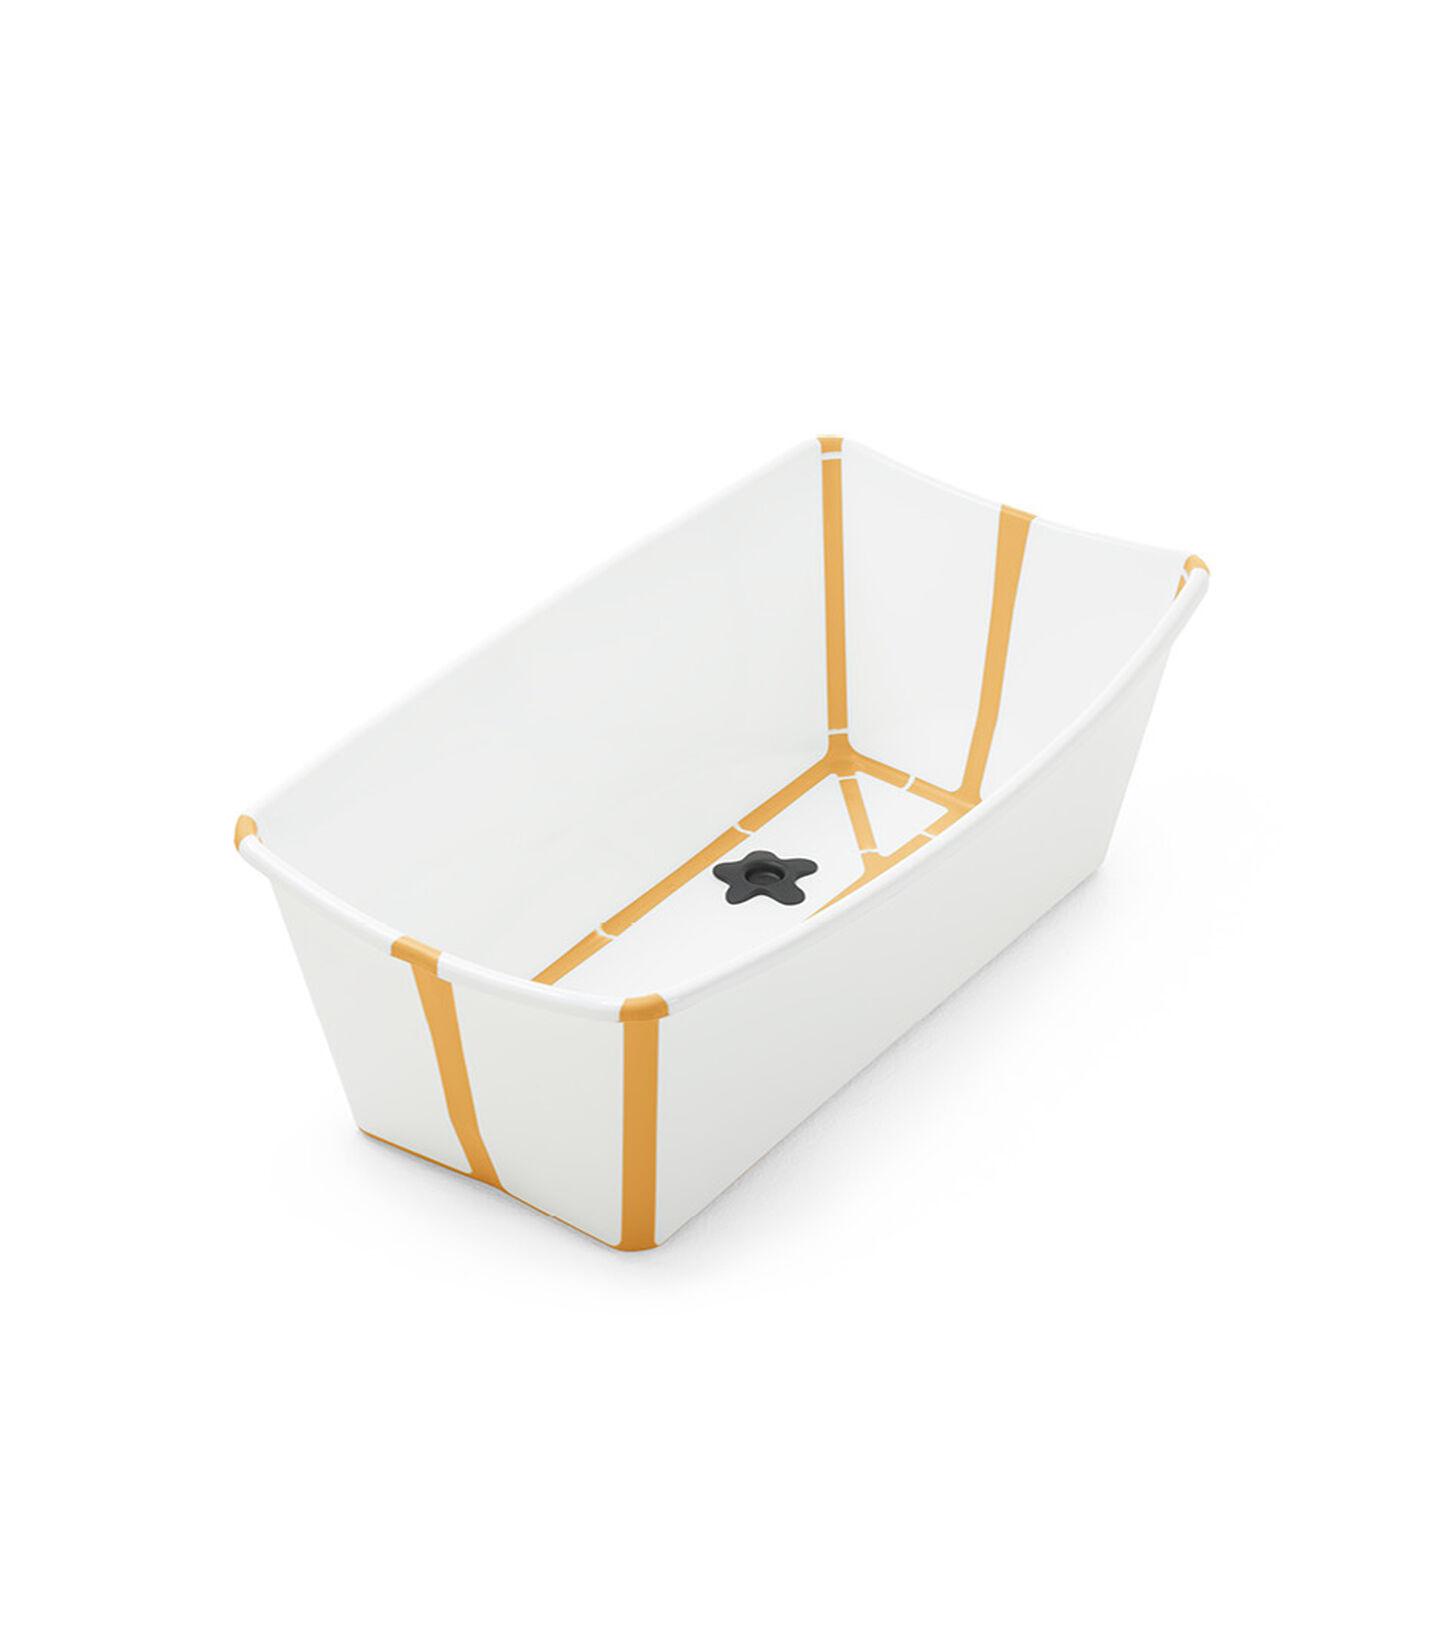 Stokke® Flexi Bath® White Yellow, White Yellow, mainview view 1